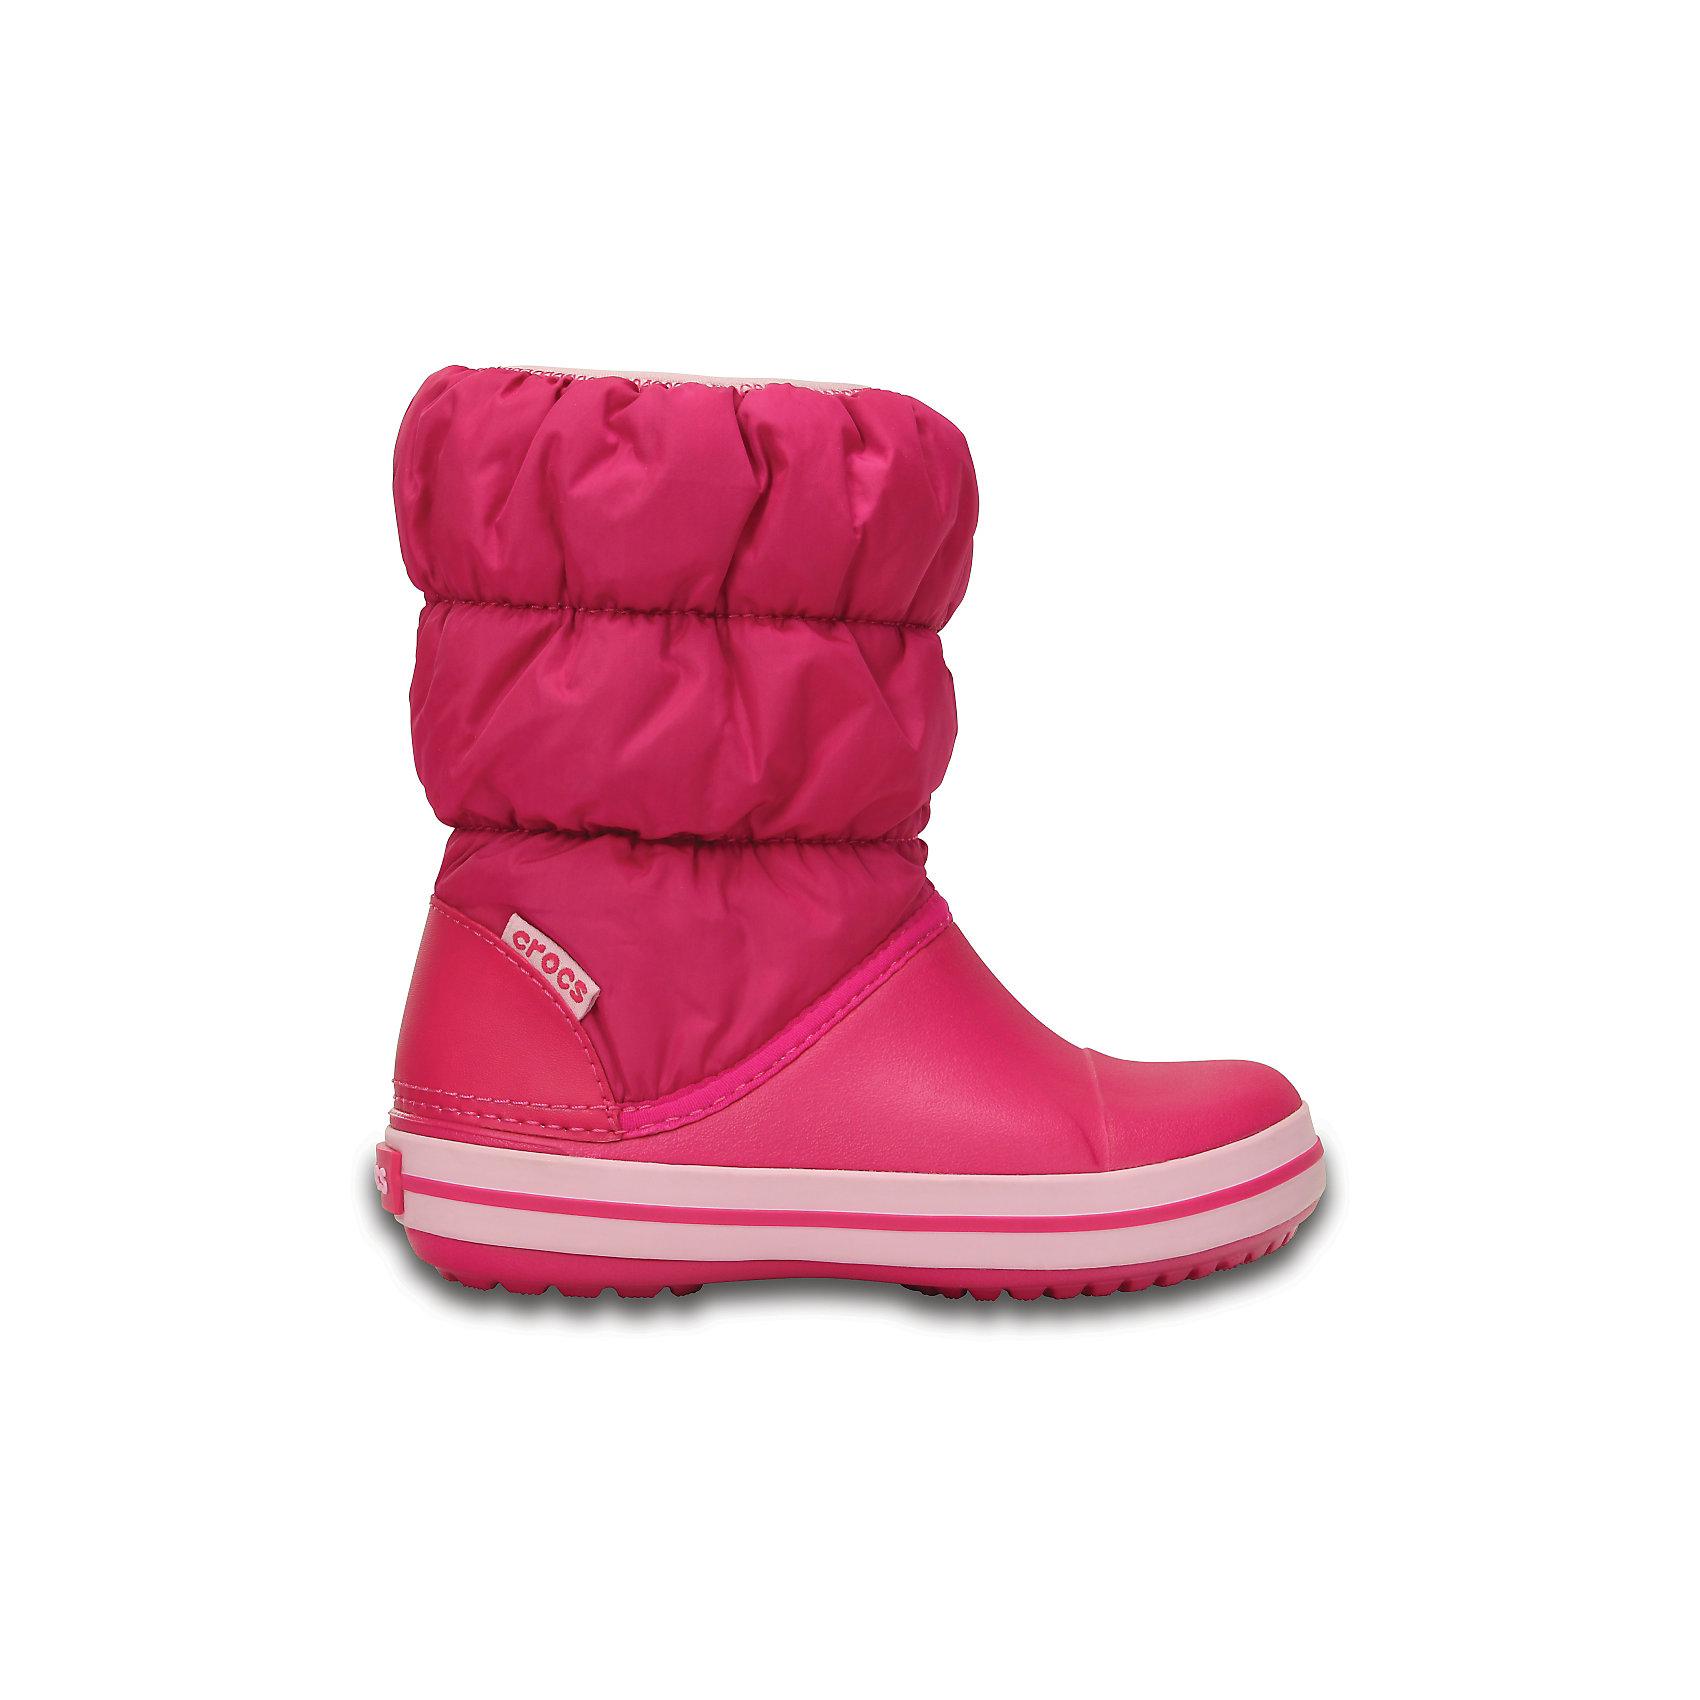 Сапоги Winter Puff Boot Kids для девочки CROCSХарактеристики товара:<br><br>• цвет: розовый<br>• материал: верх - текстиль, низ -100% полимер Croslite™<br>• материал подкладки: текстиль<br>• непромокаемая носочная часть<br>• температурный режим: от -15° до +10° С<br>• легко очищаются<br>• антискользящая подошва<br>• резинка наверху<br>• толстая устойчивая подошва<br>• страна бренда: США<br>• страна изготовитель: Китай<br><br>Сапоги могут быть и стильными, и теплыми! Для детской обуви крайне важно, чтобы она была удобной. Такие сапоги обеспечивают детям необходимый комфорт, а теплая подкладка создает особый микроклимат. Сапоги легко надеваются и снимаются, отлично сидят на ноге. Материал, из которого они сделаны, не дает размножаться бактериям, поэтому такая обувь препятствует образованию неприятного запаха и появлению болезней стоп. Данная модель особенно понравится детям - ведь в них можно бегать по лужам!<br>Обувь от американского бренда Crocs в данный момент завоевала широкую популярность во всем мире, и это не удивительно - ведь она невероятно удобна. Её носят врачи, спортсмены, звёзды шоу-бизнеса, люди, которым много времени приходится бывать на ногах - они понимают, как важна комфортная обувь. Продукция Crocs - это качественные товары, созданные с применением новейших технологий. Обувь отличается стильным дизайном и продуманной конструкцией. Изделие производится из качественных и проверенных материалов, которые безопасны для детей.<br><br>Сапоги для девочки от торговой марки Crocs можно купить в нашем интернет-магазине.<br><br>Ширина мм: 257<br>Глубина мм: 180<br>Высота мм: 130<br>Вес г: 420<br>Цвет: розовый<br>Возраст от месяцев: 24<br>Возраст до месяцев: 36<br>Пол: Женский<br>Возраст: Детский<br>Размер: 26,31/32,25,24,23,30,29,33/34,28,27,34/35<br>SKU: 5027457